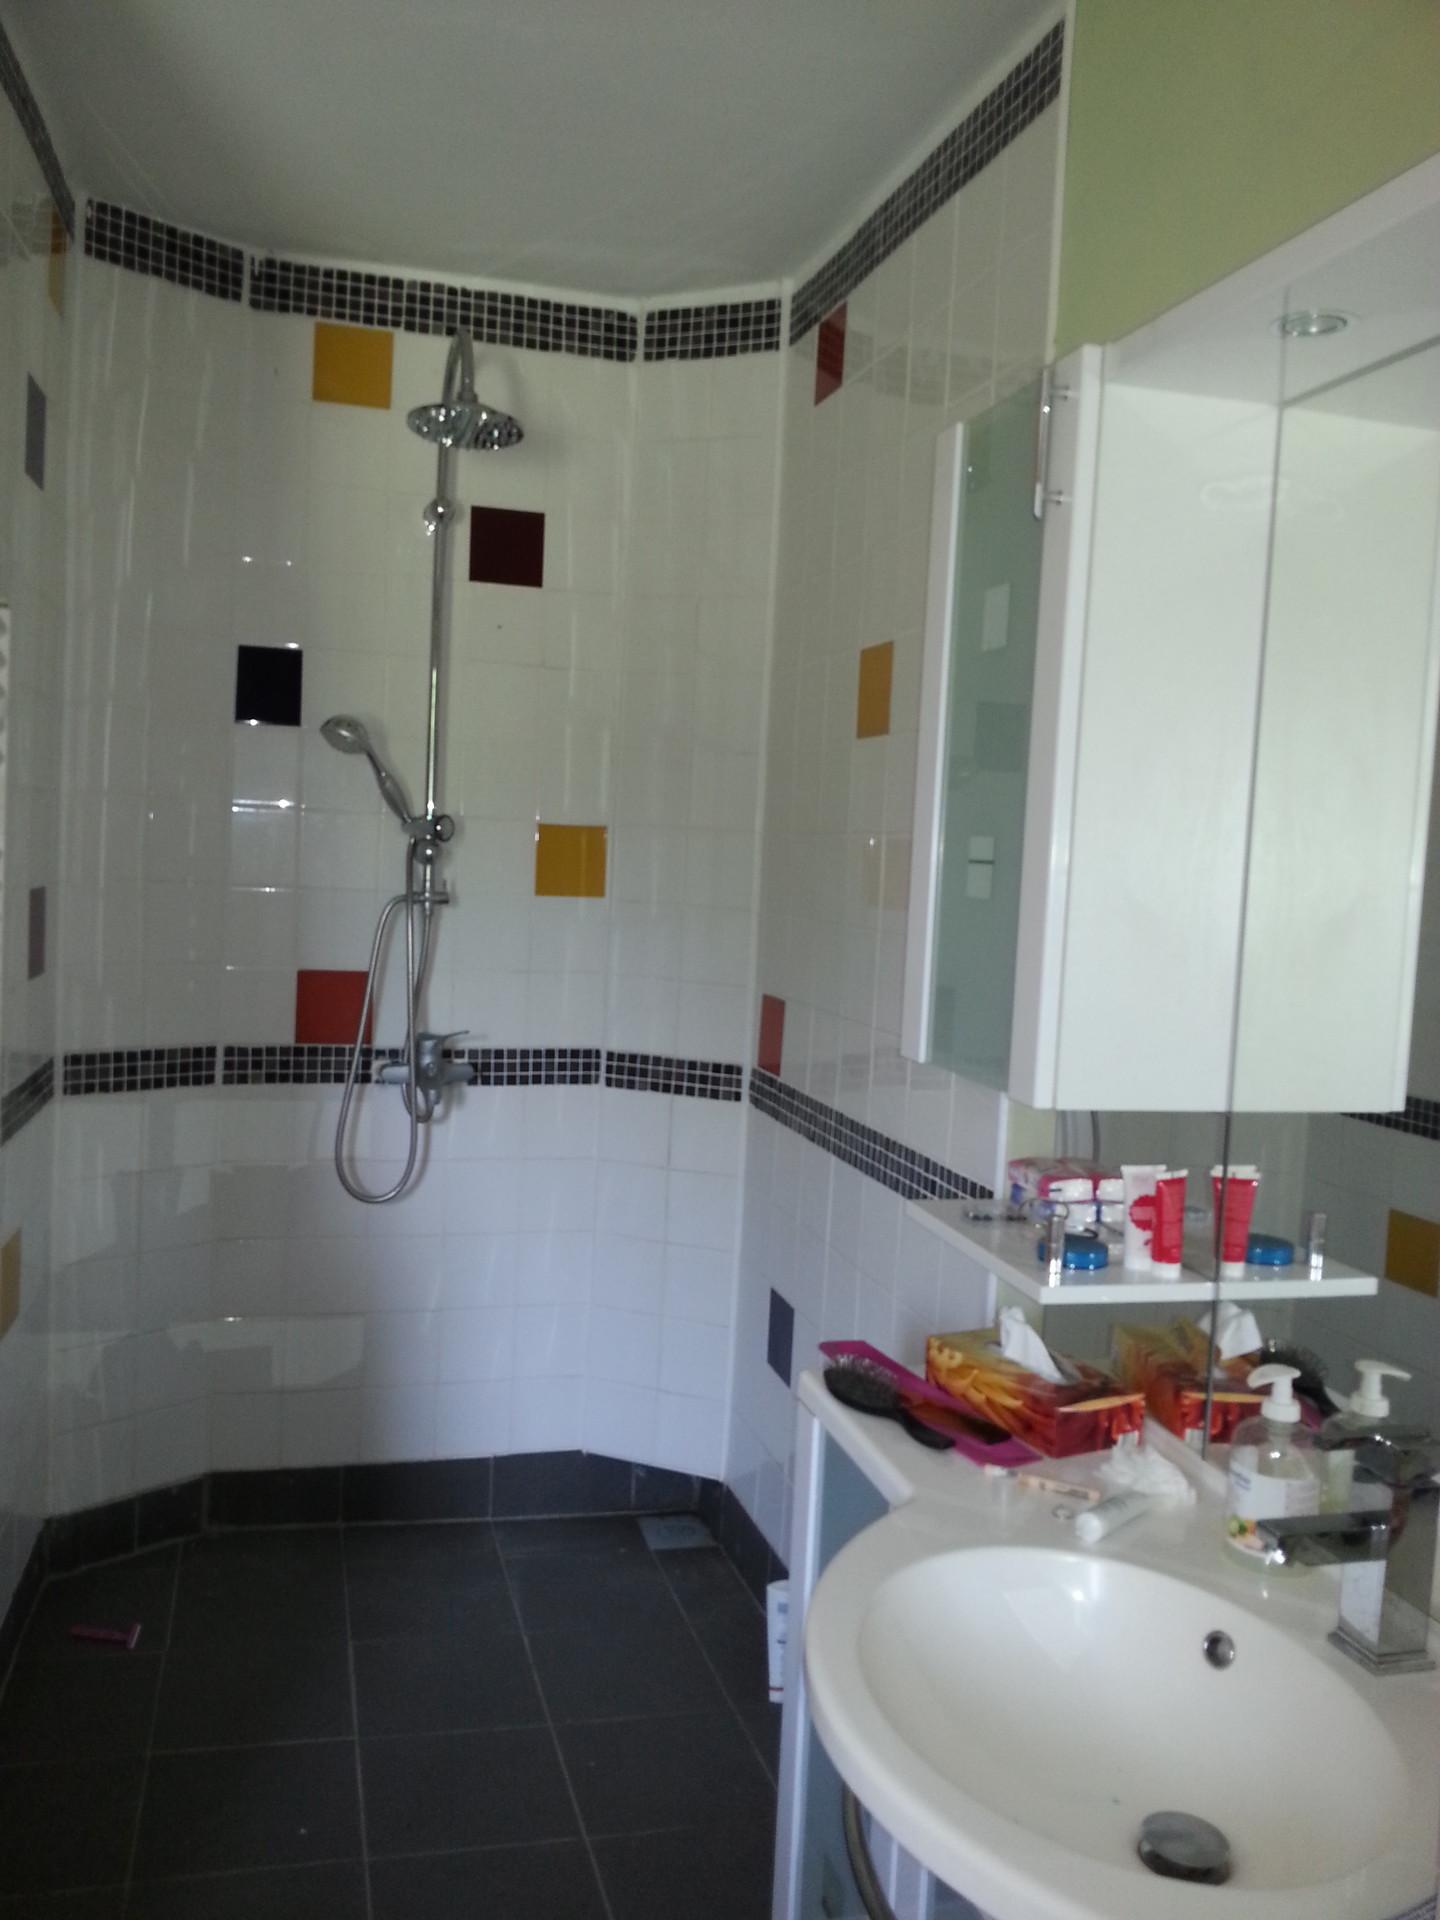 Studio a la campagne vue sur jardin avec salle de bain for Cuisine tout compris